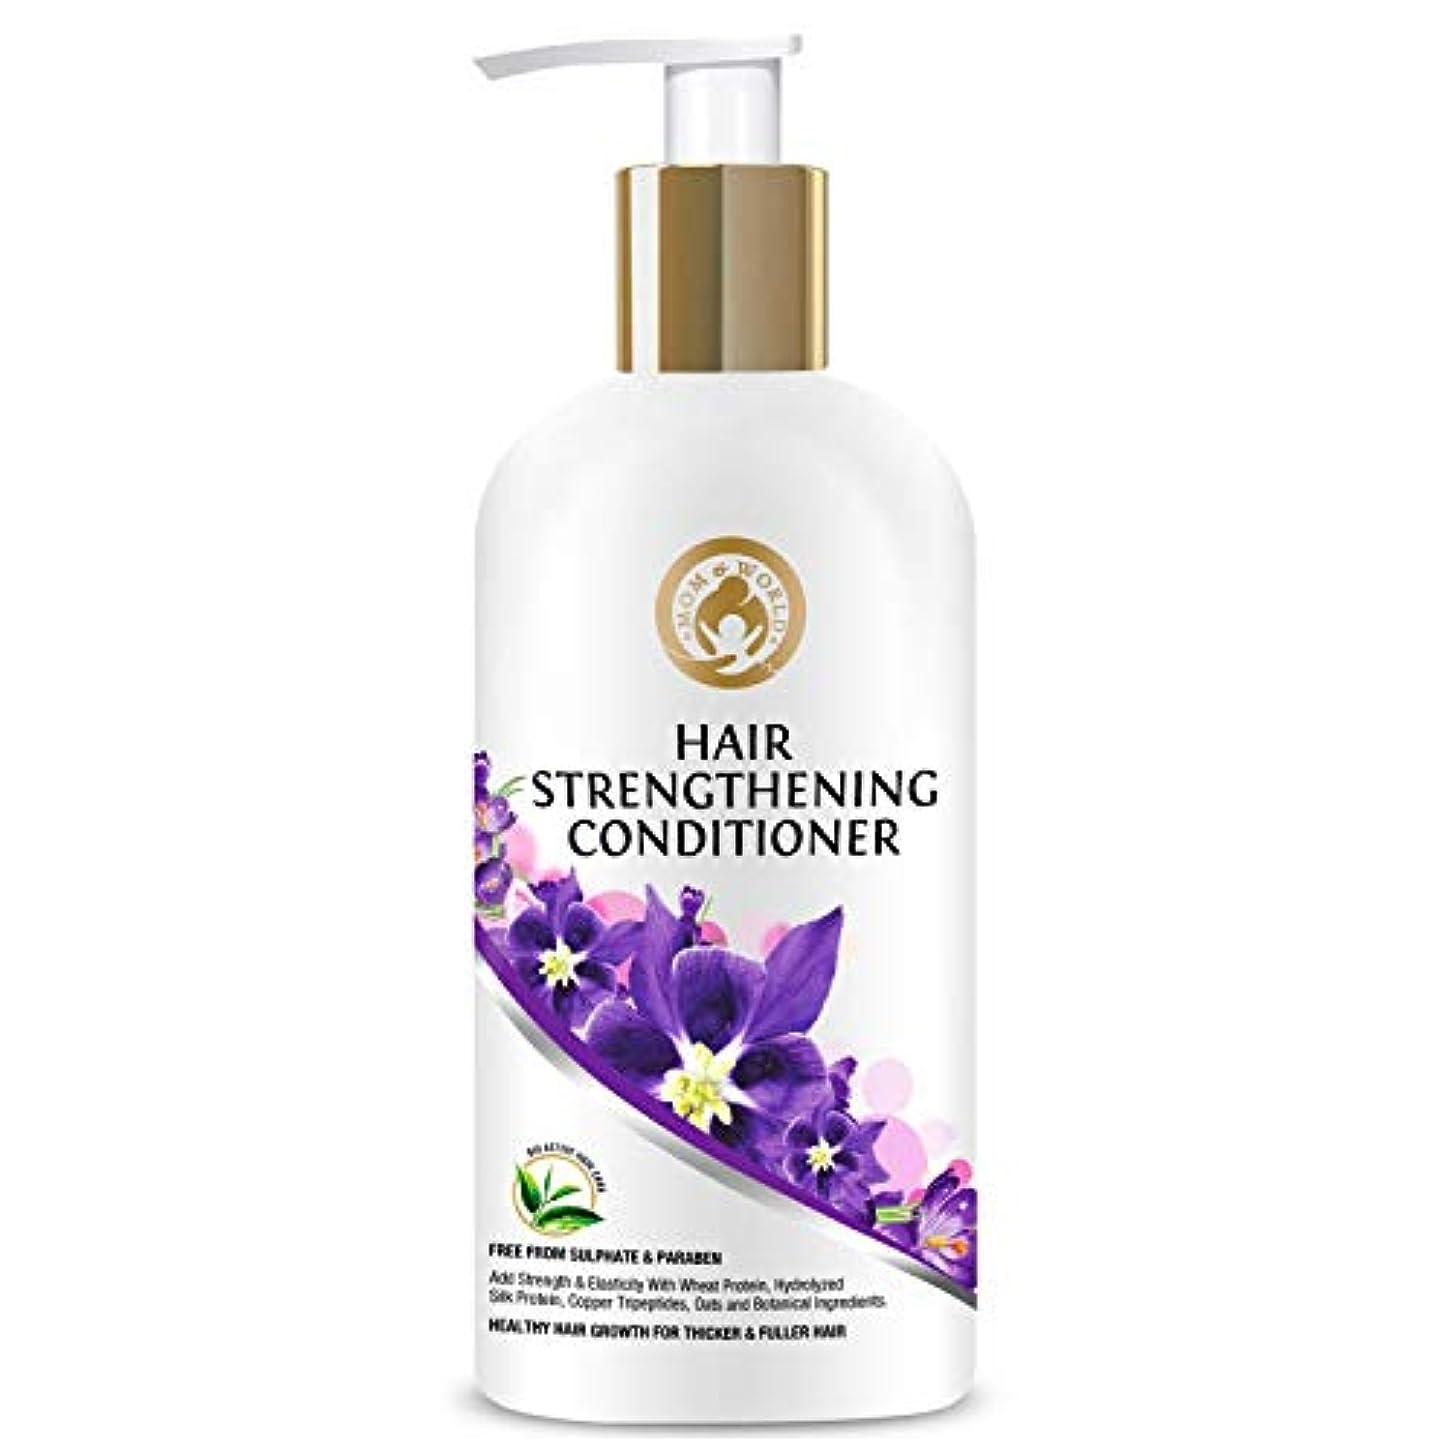 オリエンテーション逸話失望させるMom & World Hair Strengthening Conditioner - Protein Conditioner For Thicker And Fuller Hair, 300ml (No SLS, Paraben)